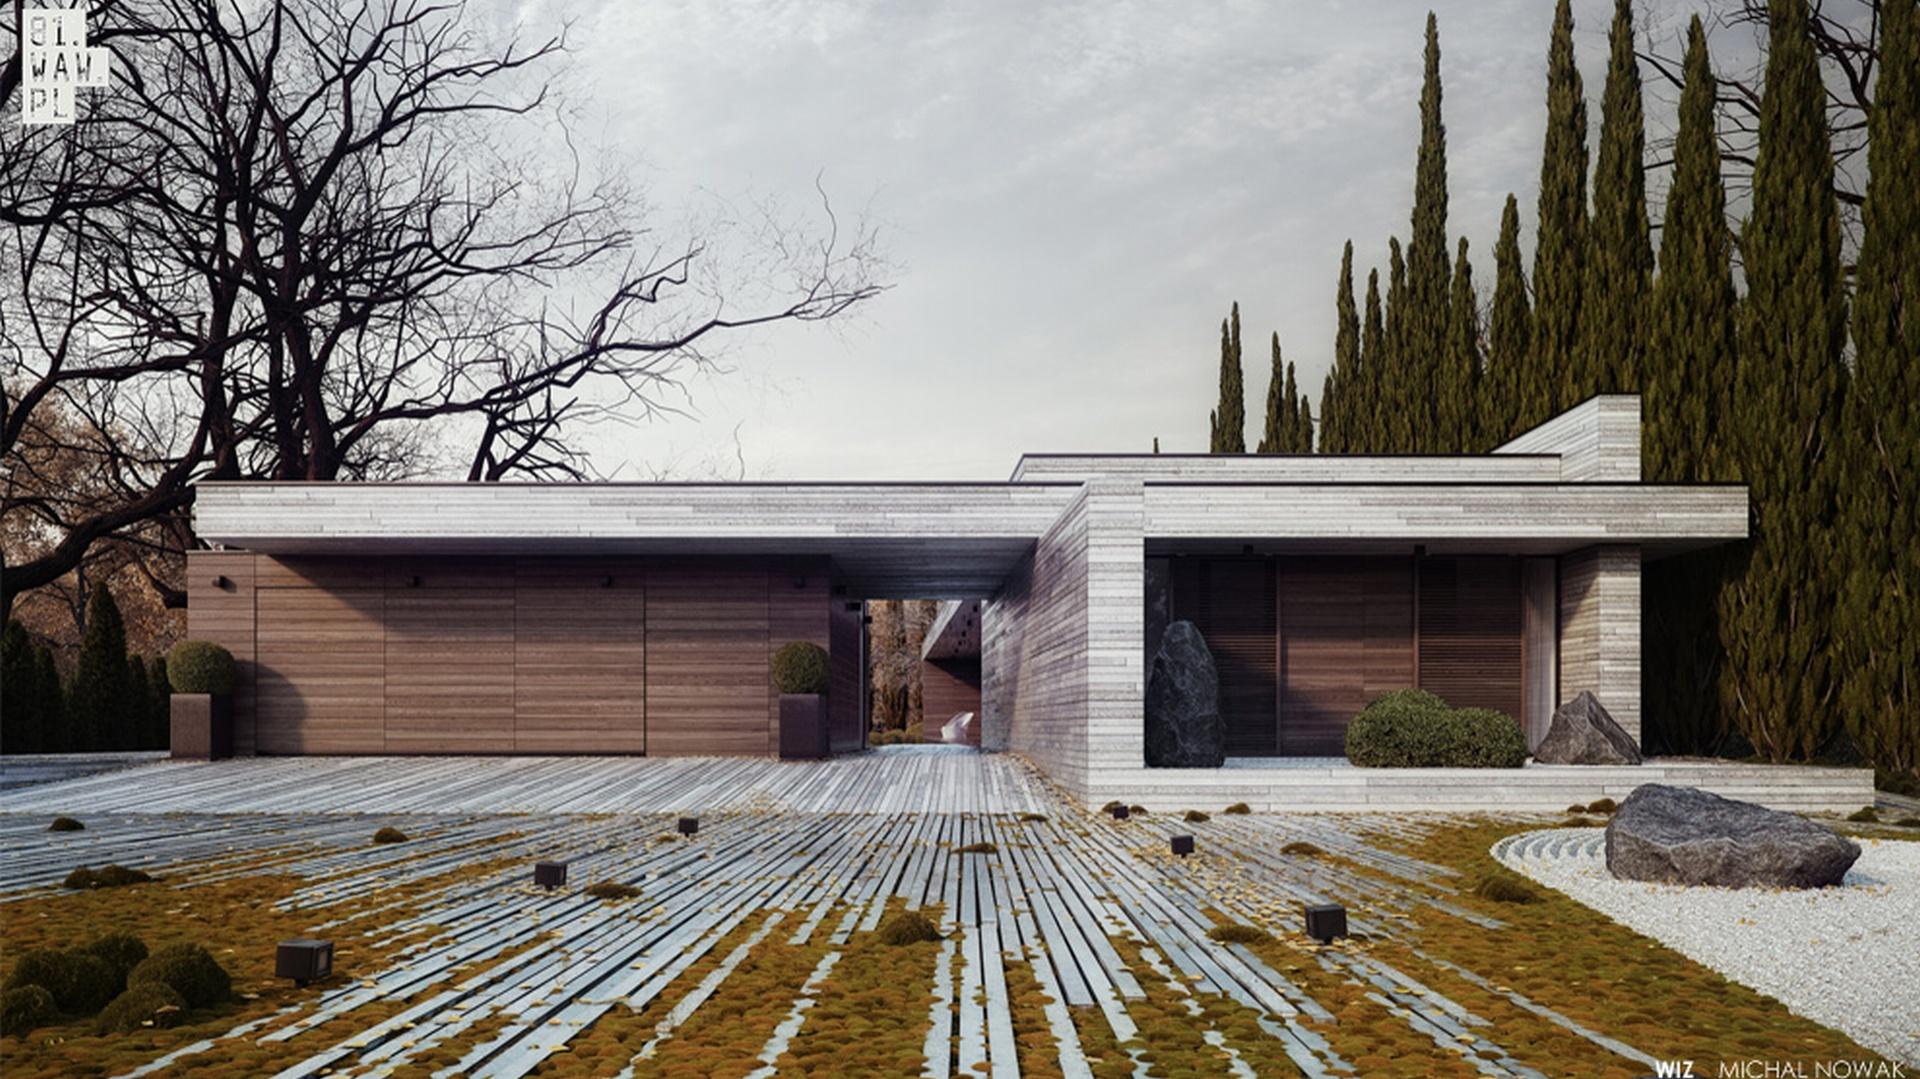 Wyróżnienie w konkursie World Architecture Award – 20+10+X  to kolejny powód do dumy dla architektów z pracowni 81.WAW.PL –  Anny Paszkowskiej-Grudziąż i Rafała Grudziąża. Fot. 81.WAW.PL